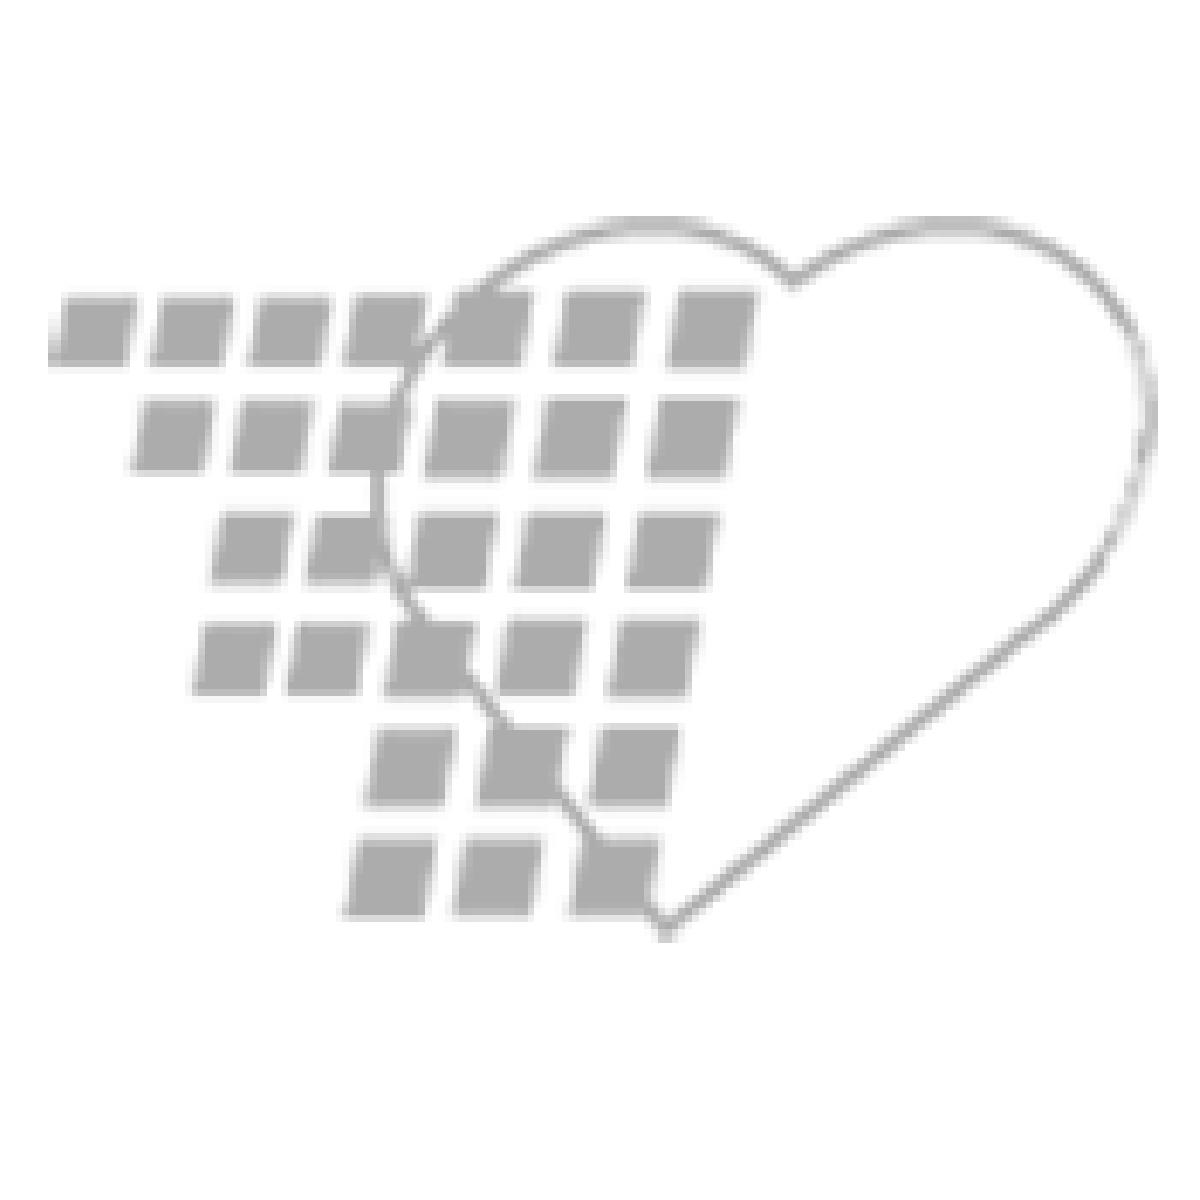 06-93-6924 Demo Dose® Flumazenl Romazicn 0.1 mg mL 10 mL